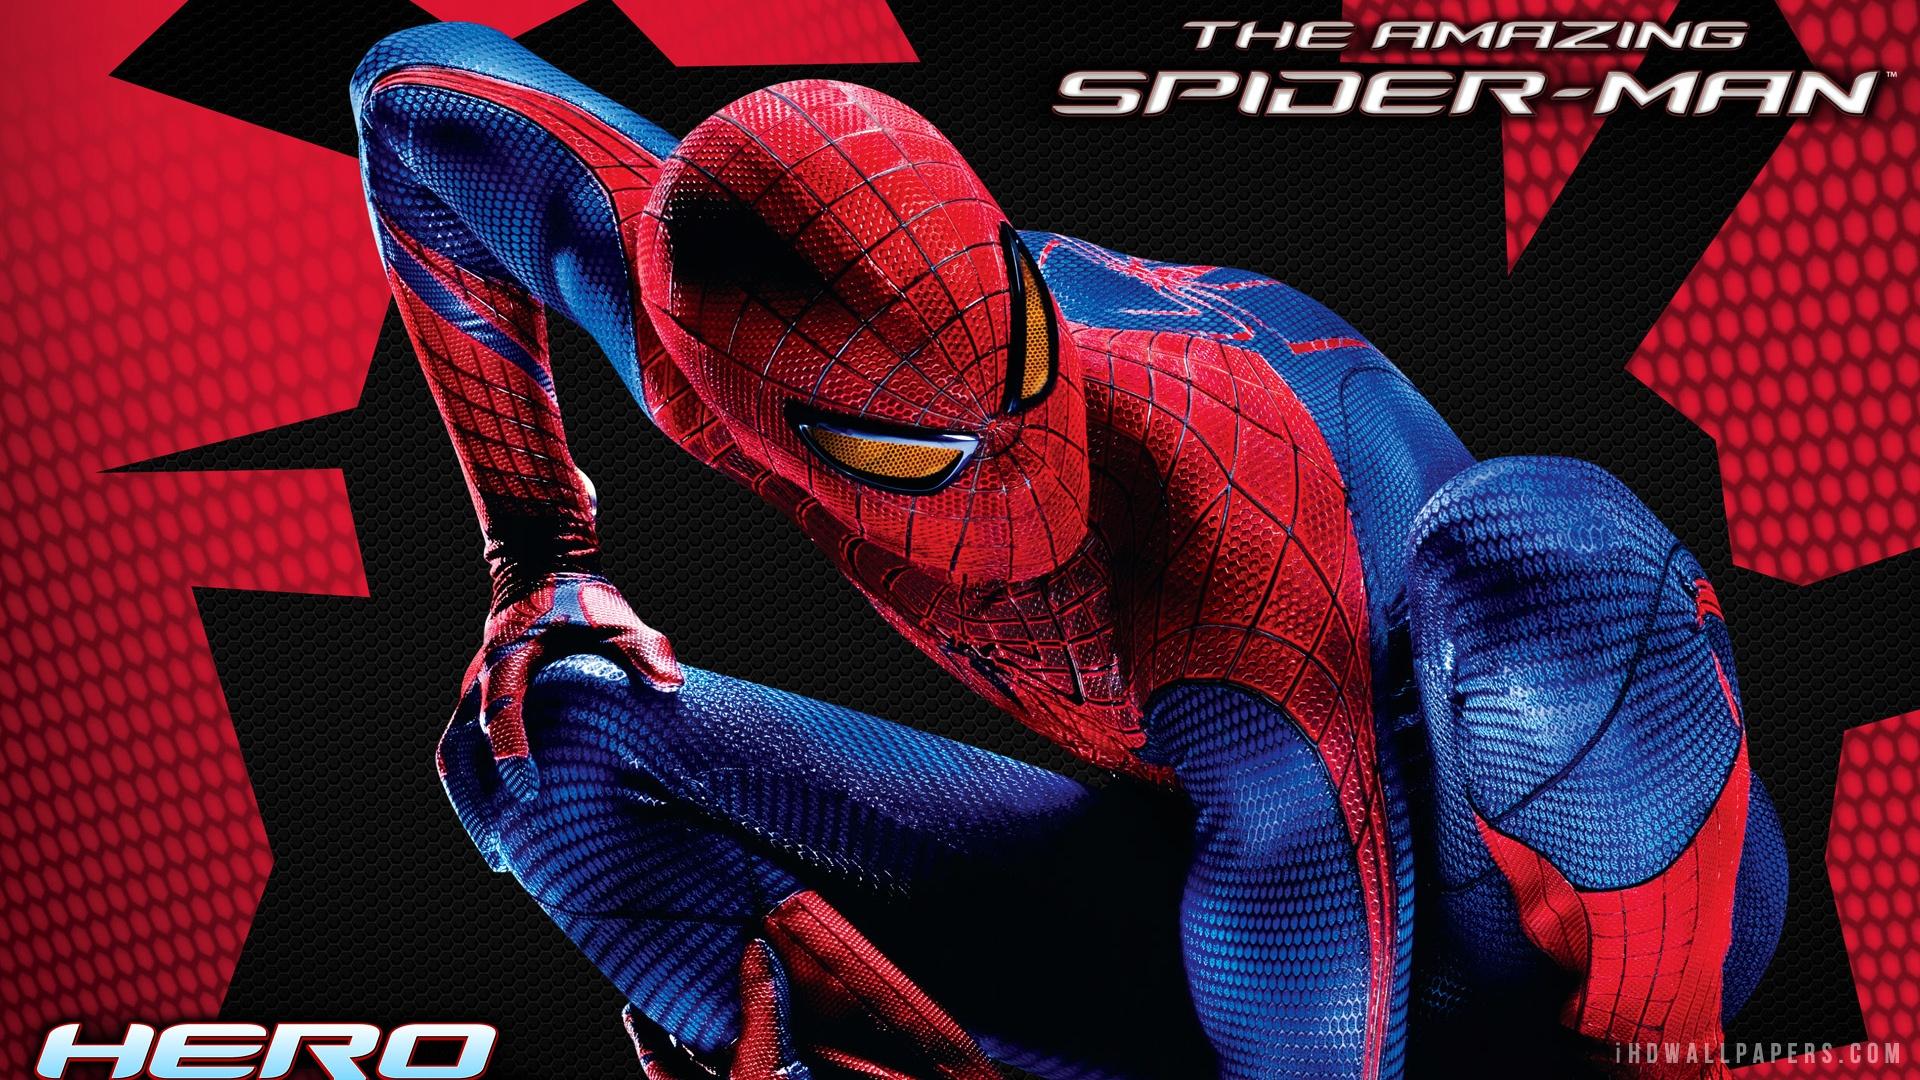 Amazing Spider Man 3 HD Wide Wallpaper   1920x1080 Resolution 1920x1080